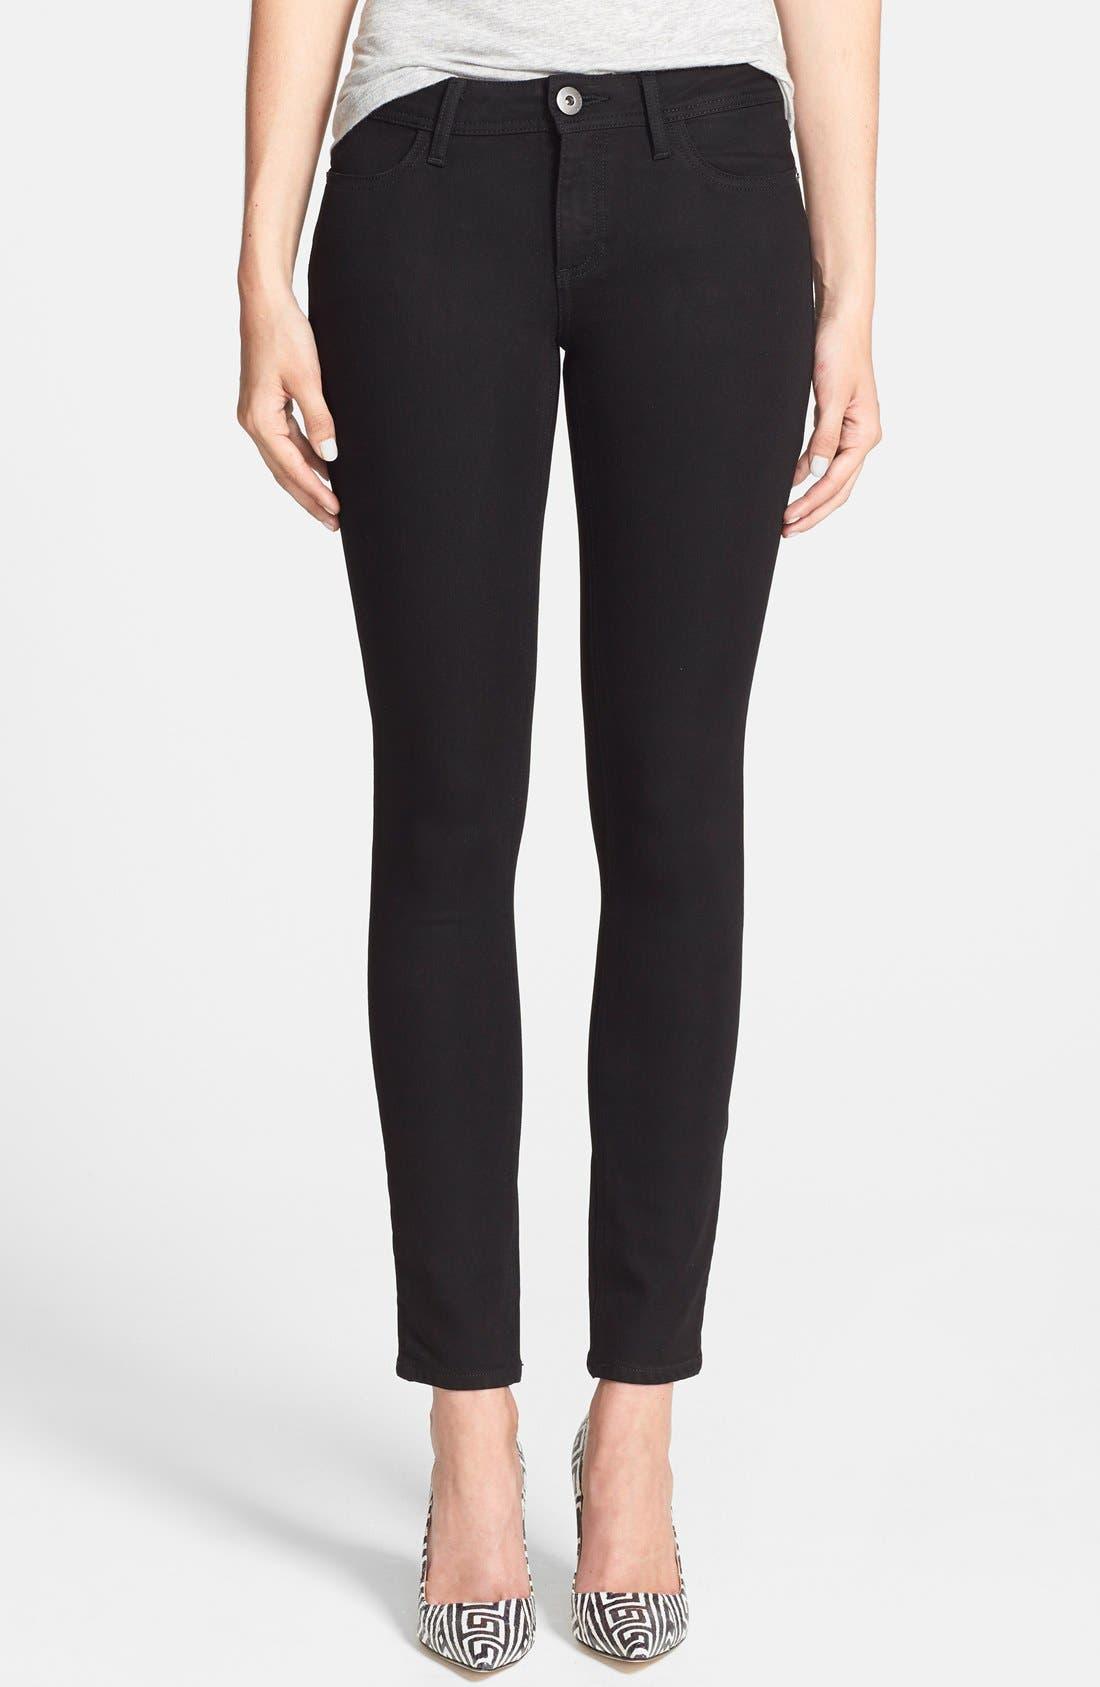 DL1961 'Florence' Instasculpt Skinny Jeans